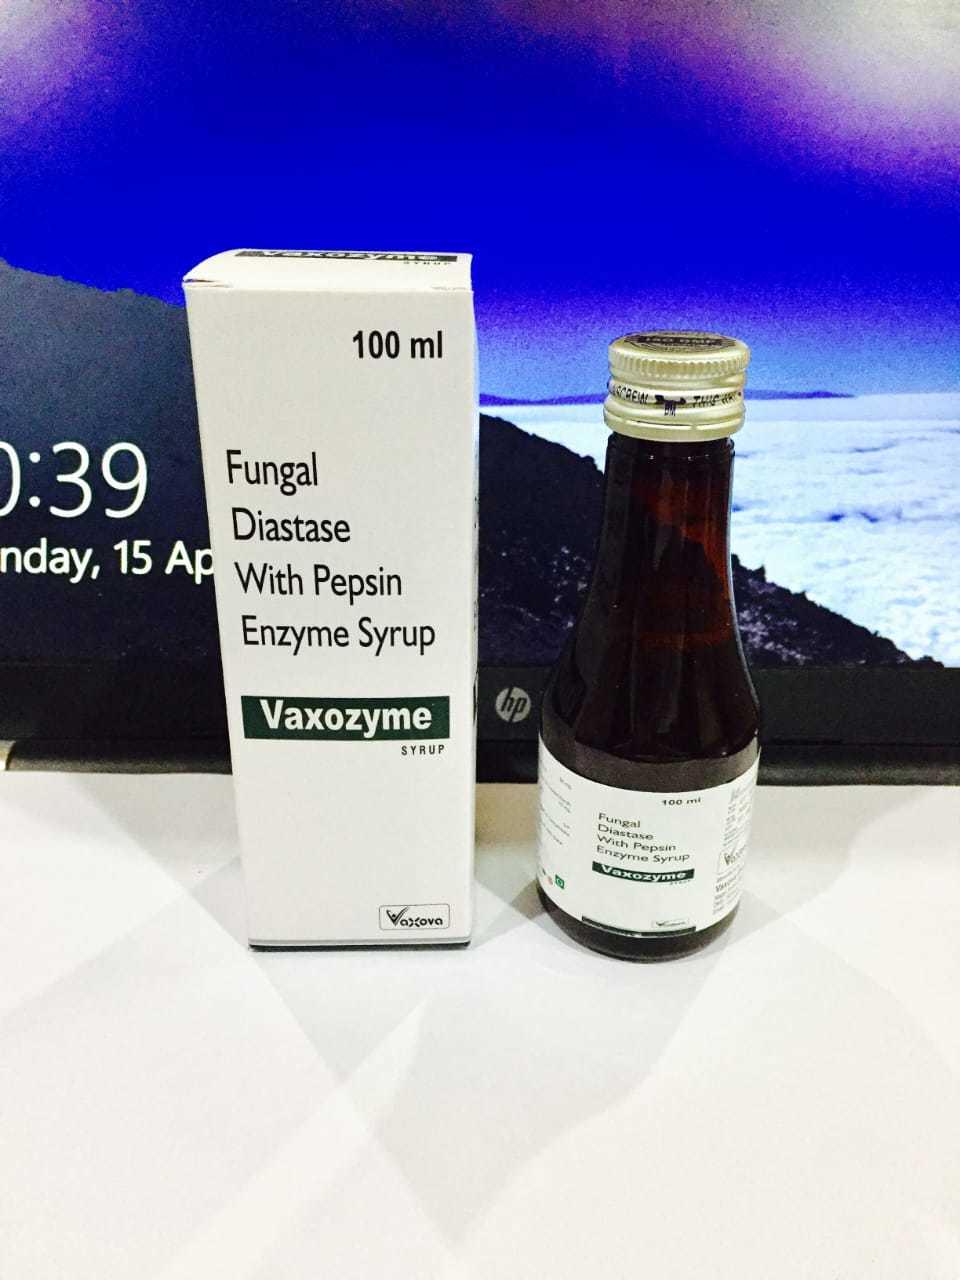 Pepsin, Fungal Diastase